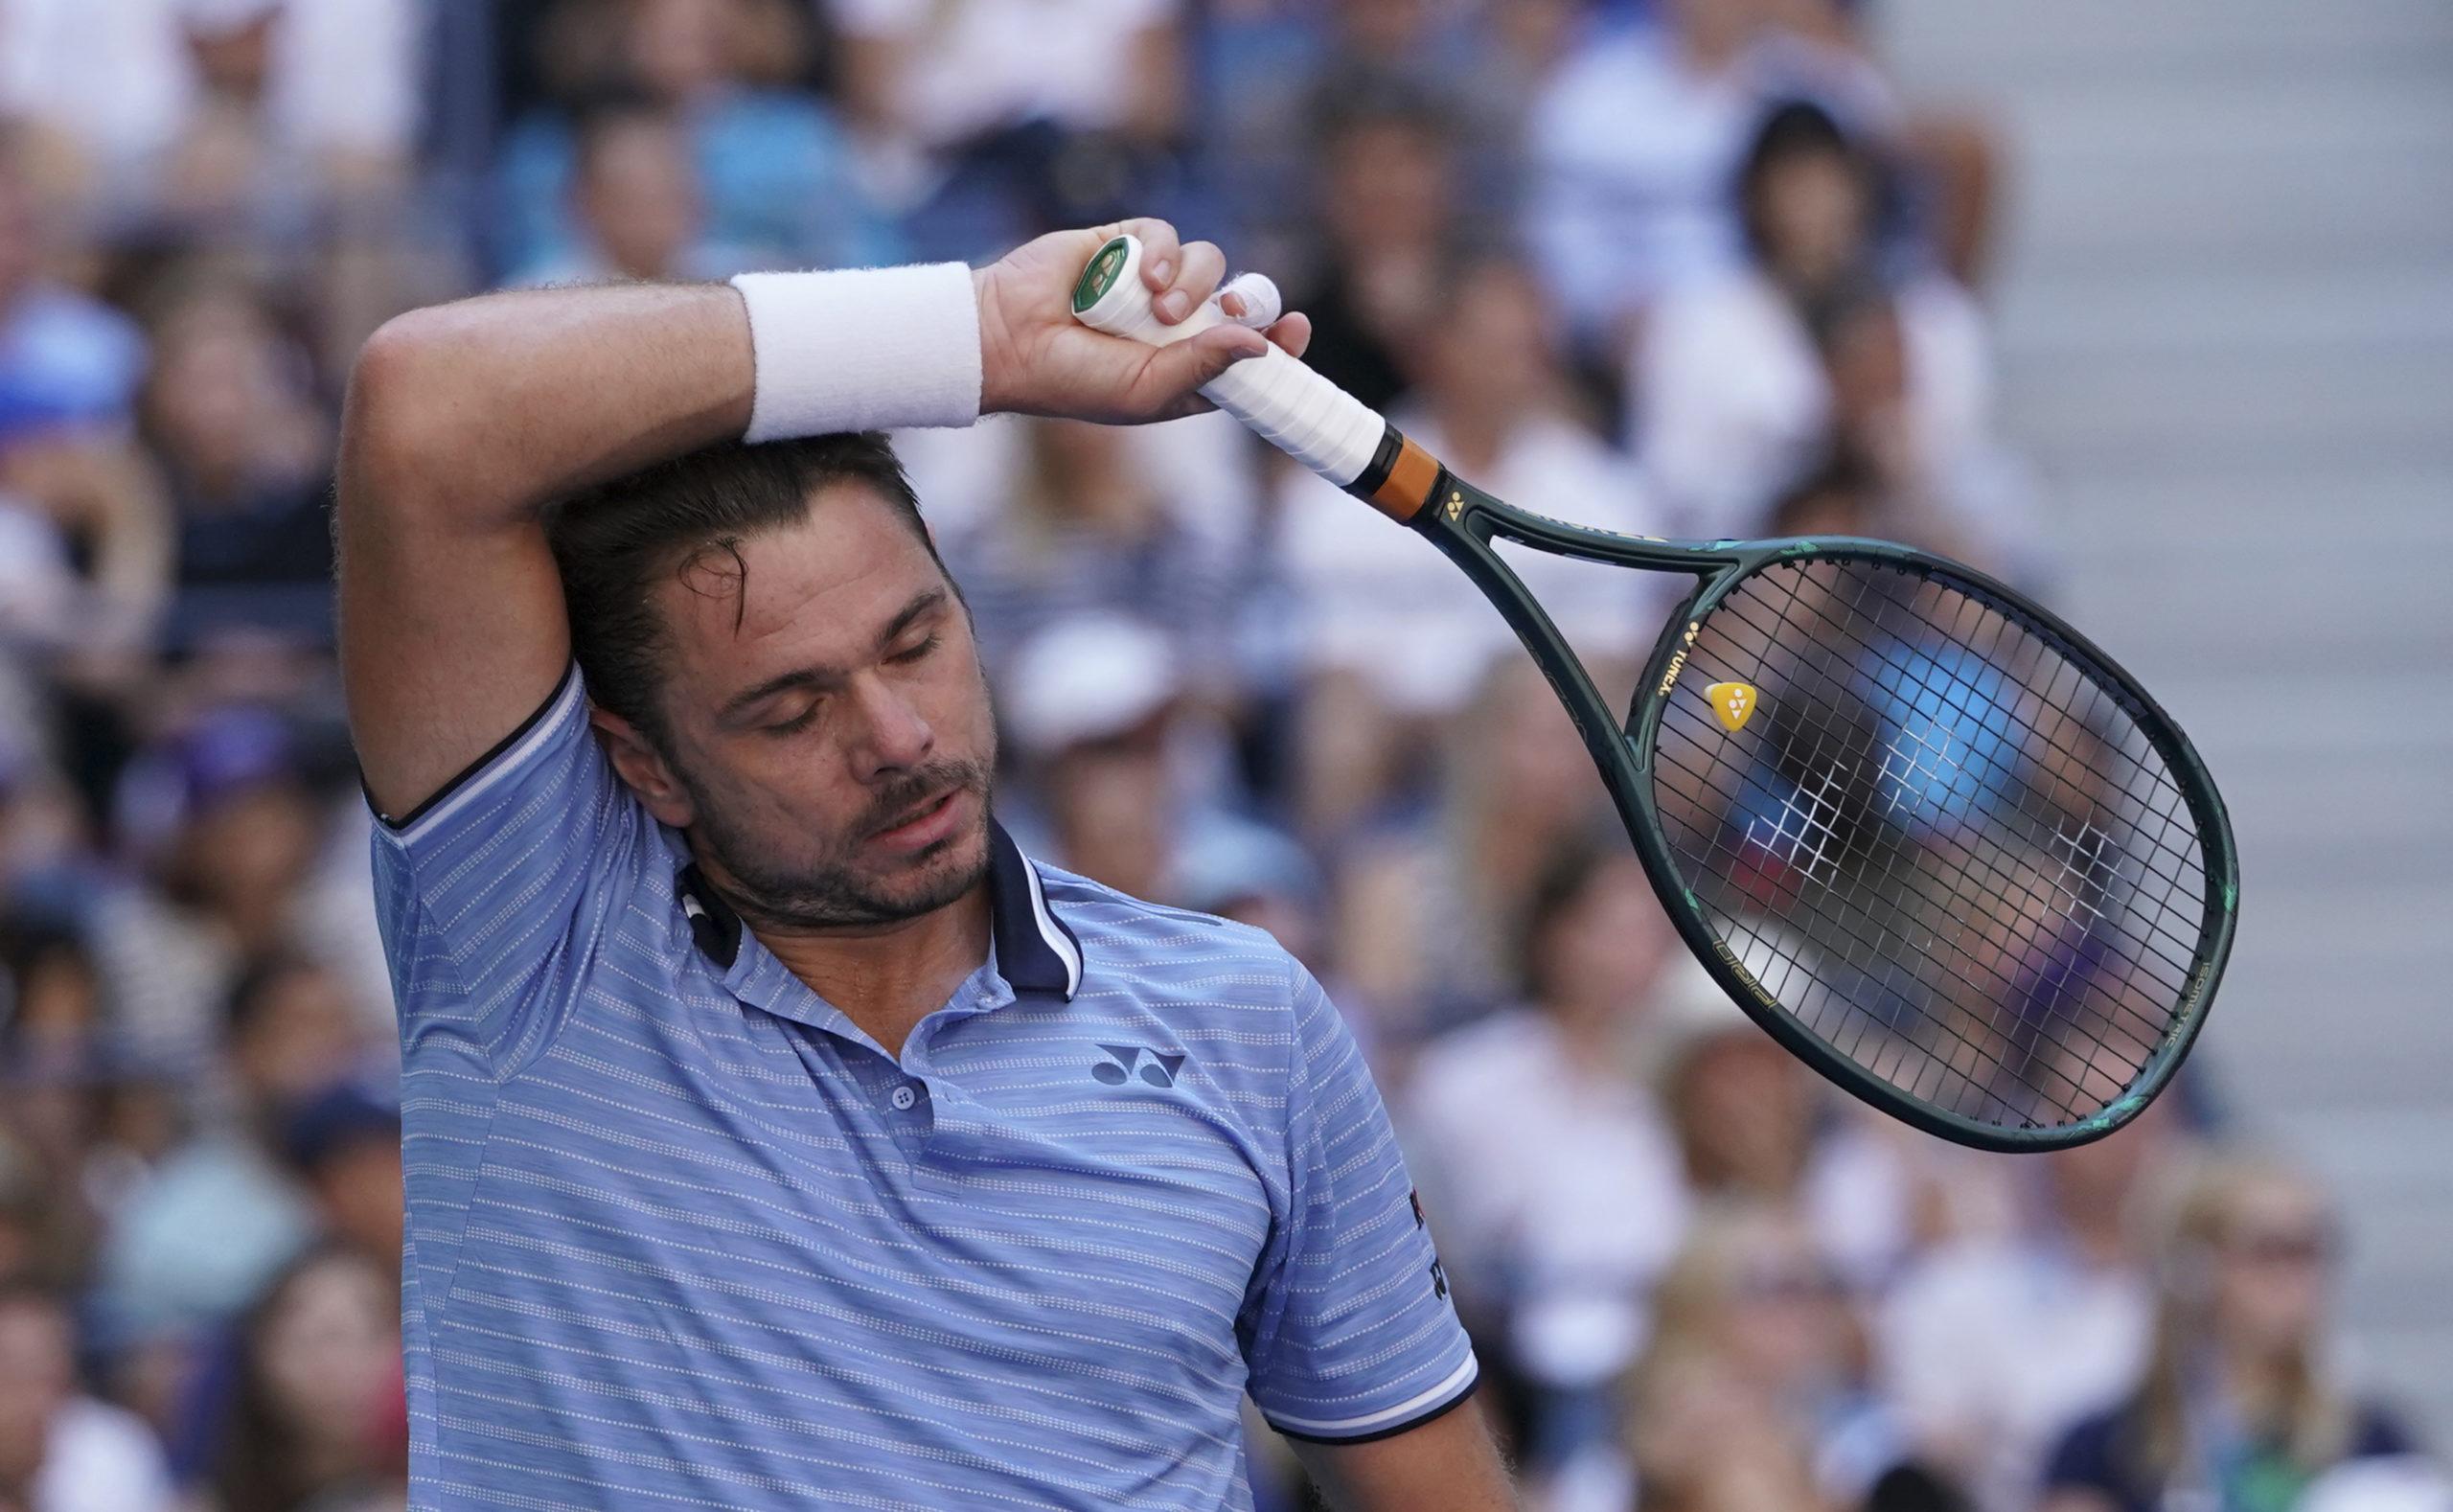 Tenistas disparam contra a decisão de Roland Garros